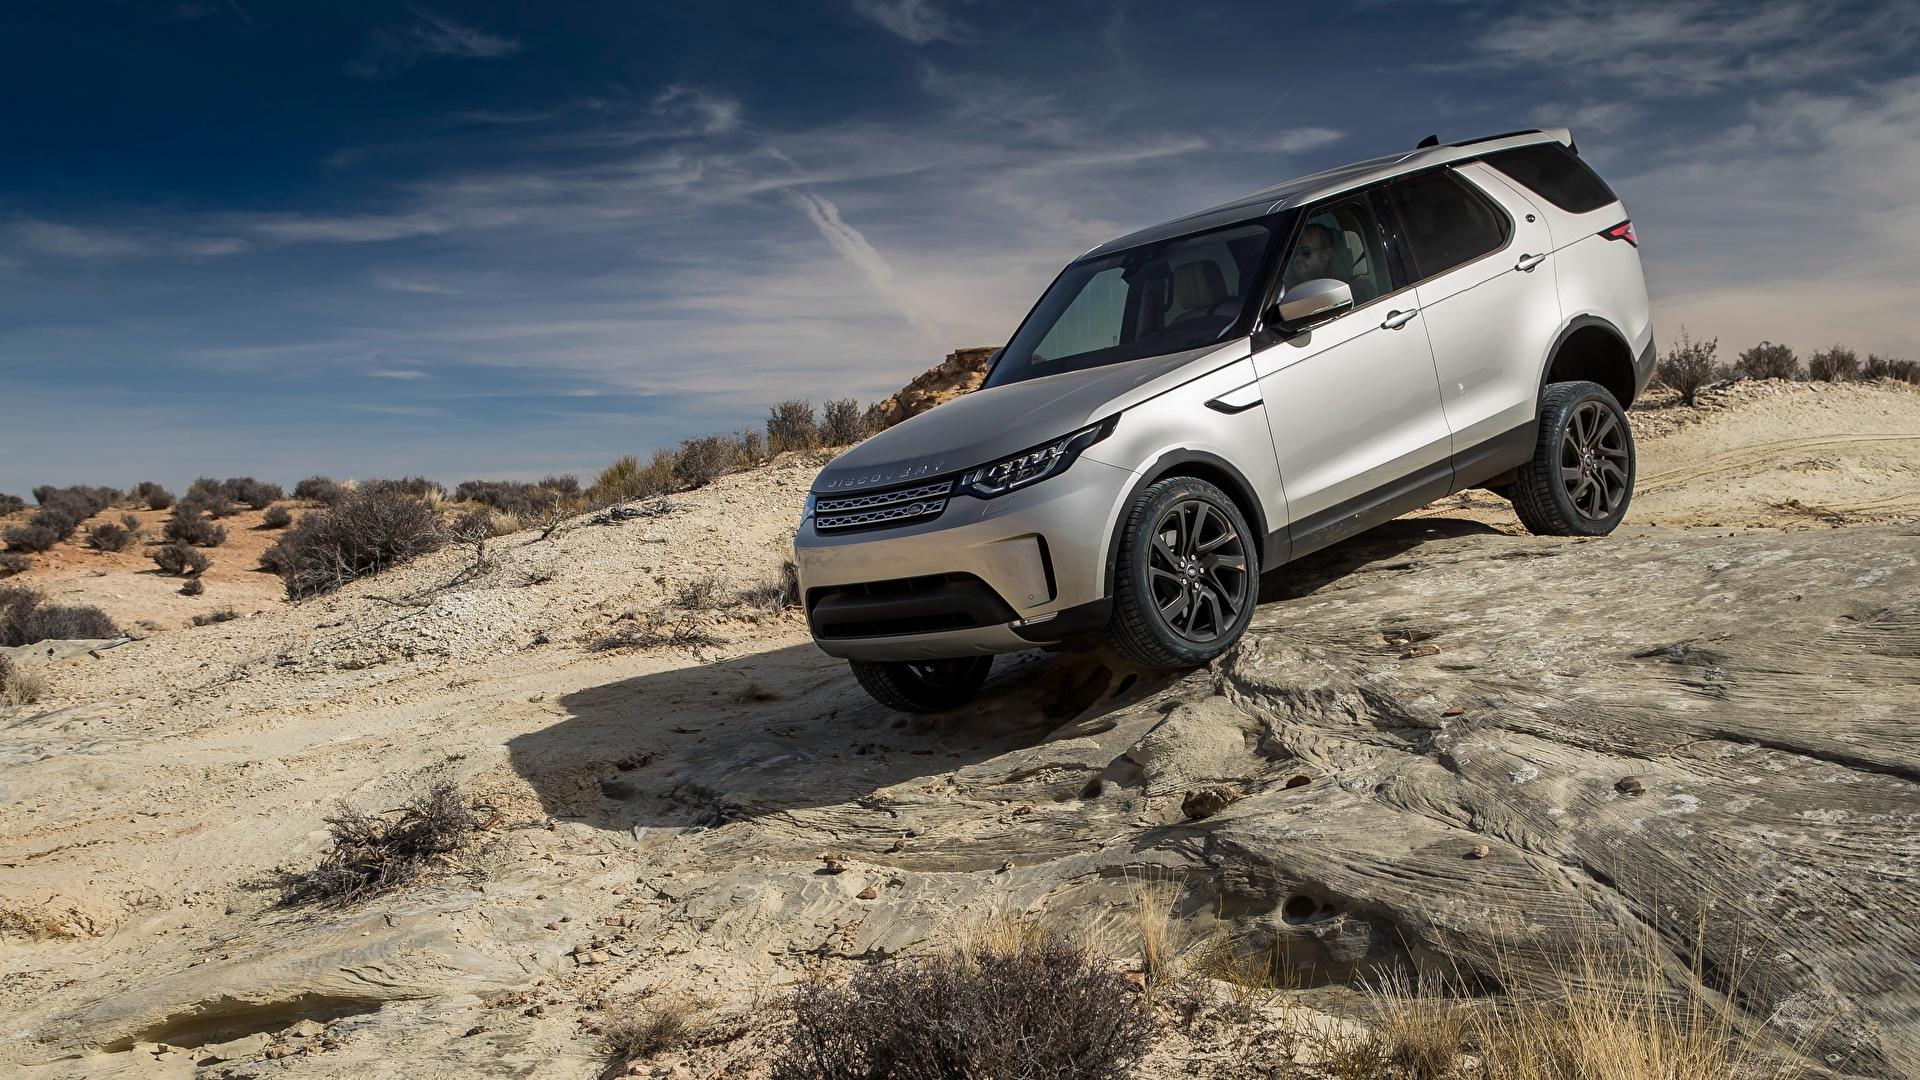 Land Rover Discovery en una ladera pedregosa